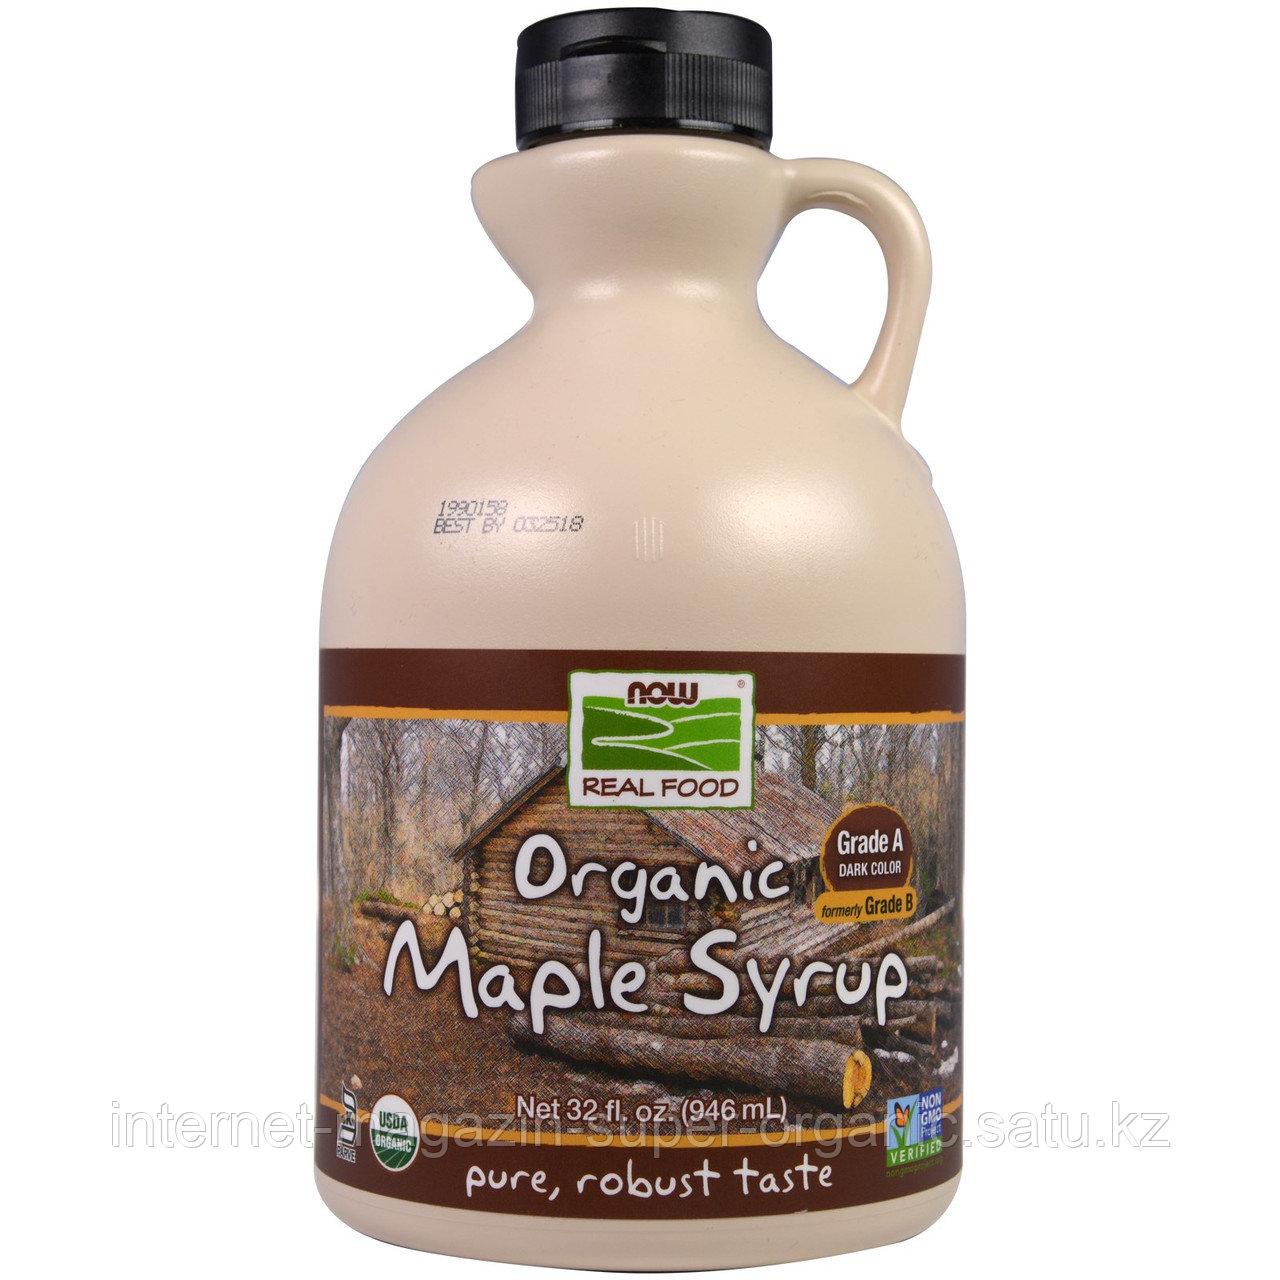 Кленовый сироп органический, класс А темного цвета, 946 мл., Now Foods, Real Food